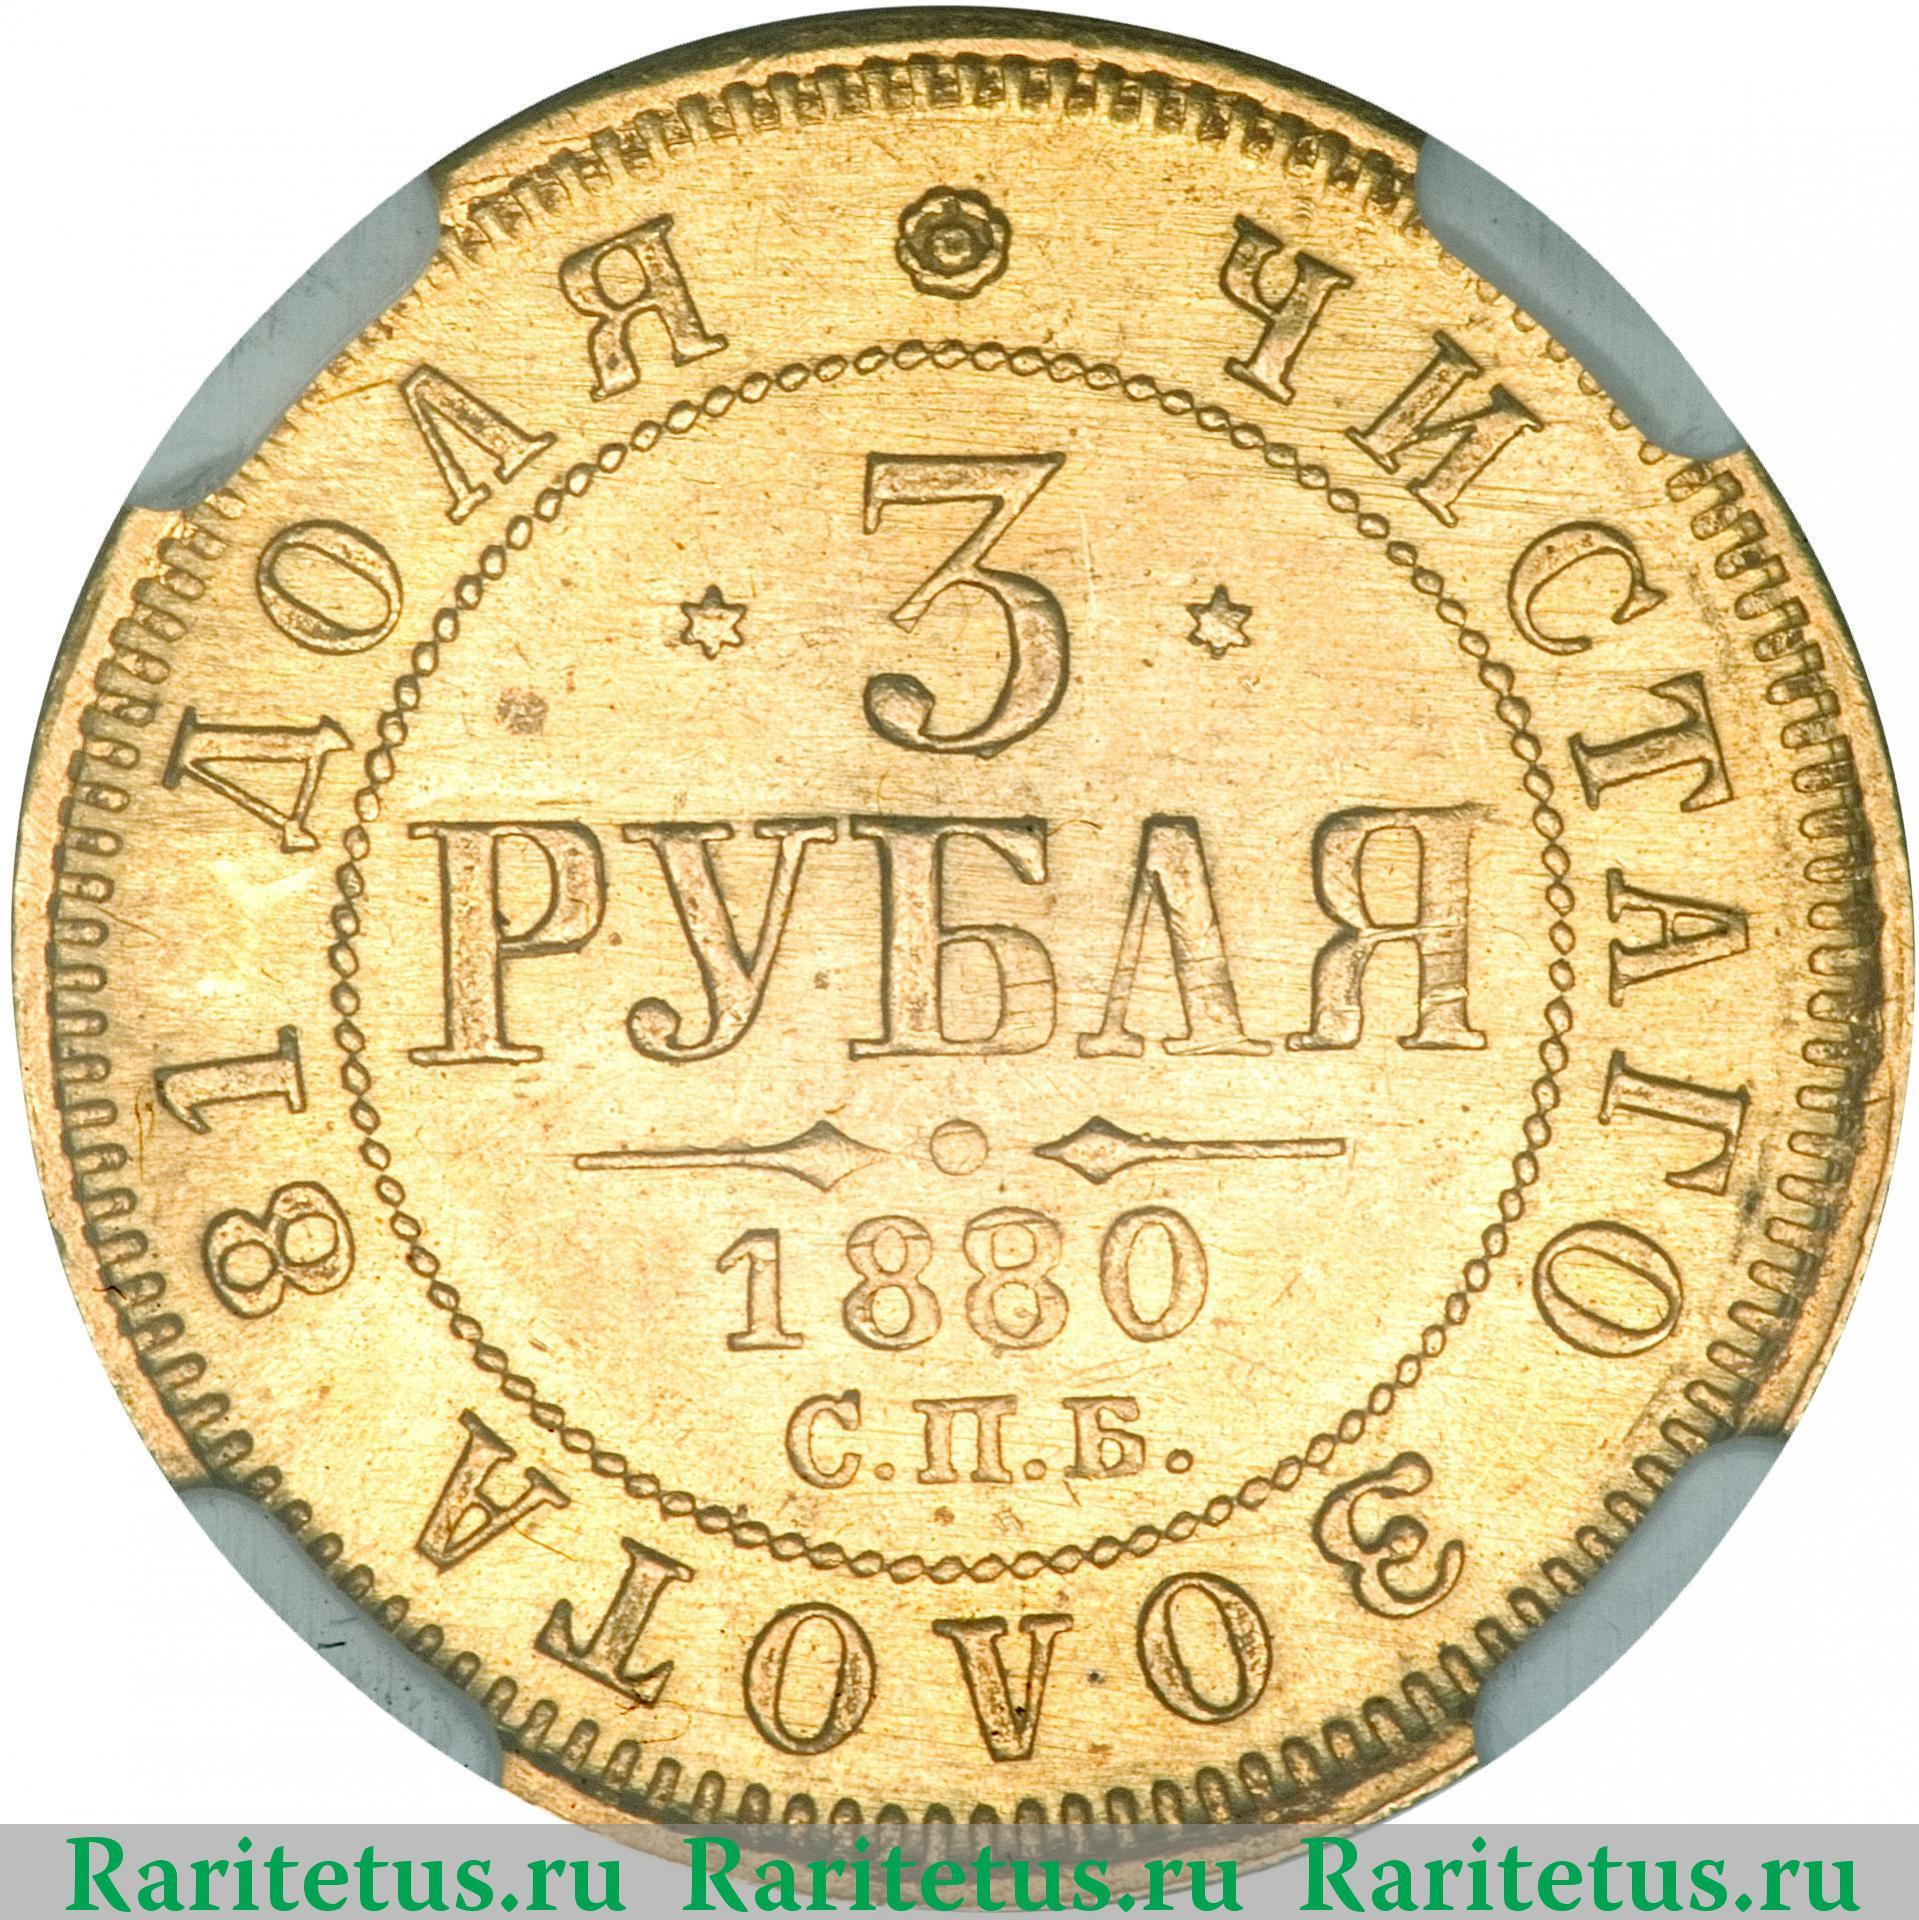 Рубль 1880 года цена пистоль экю